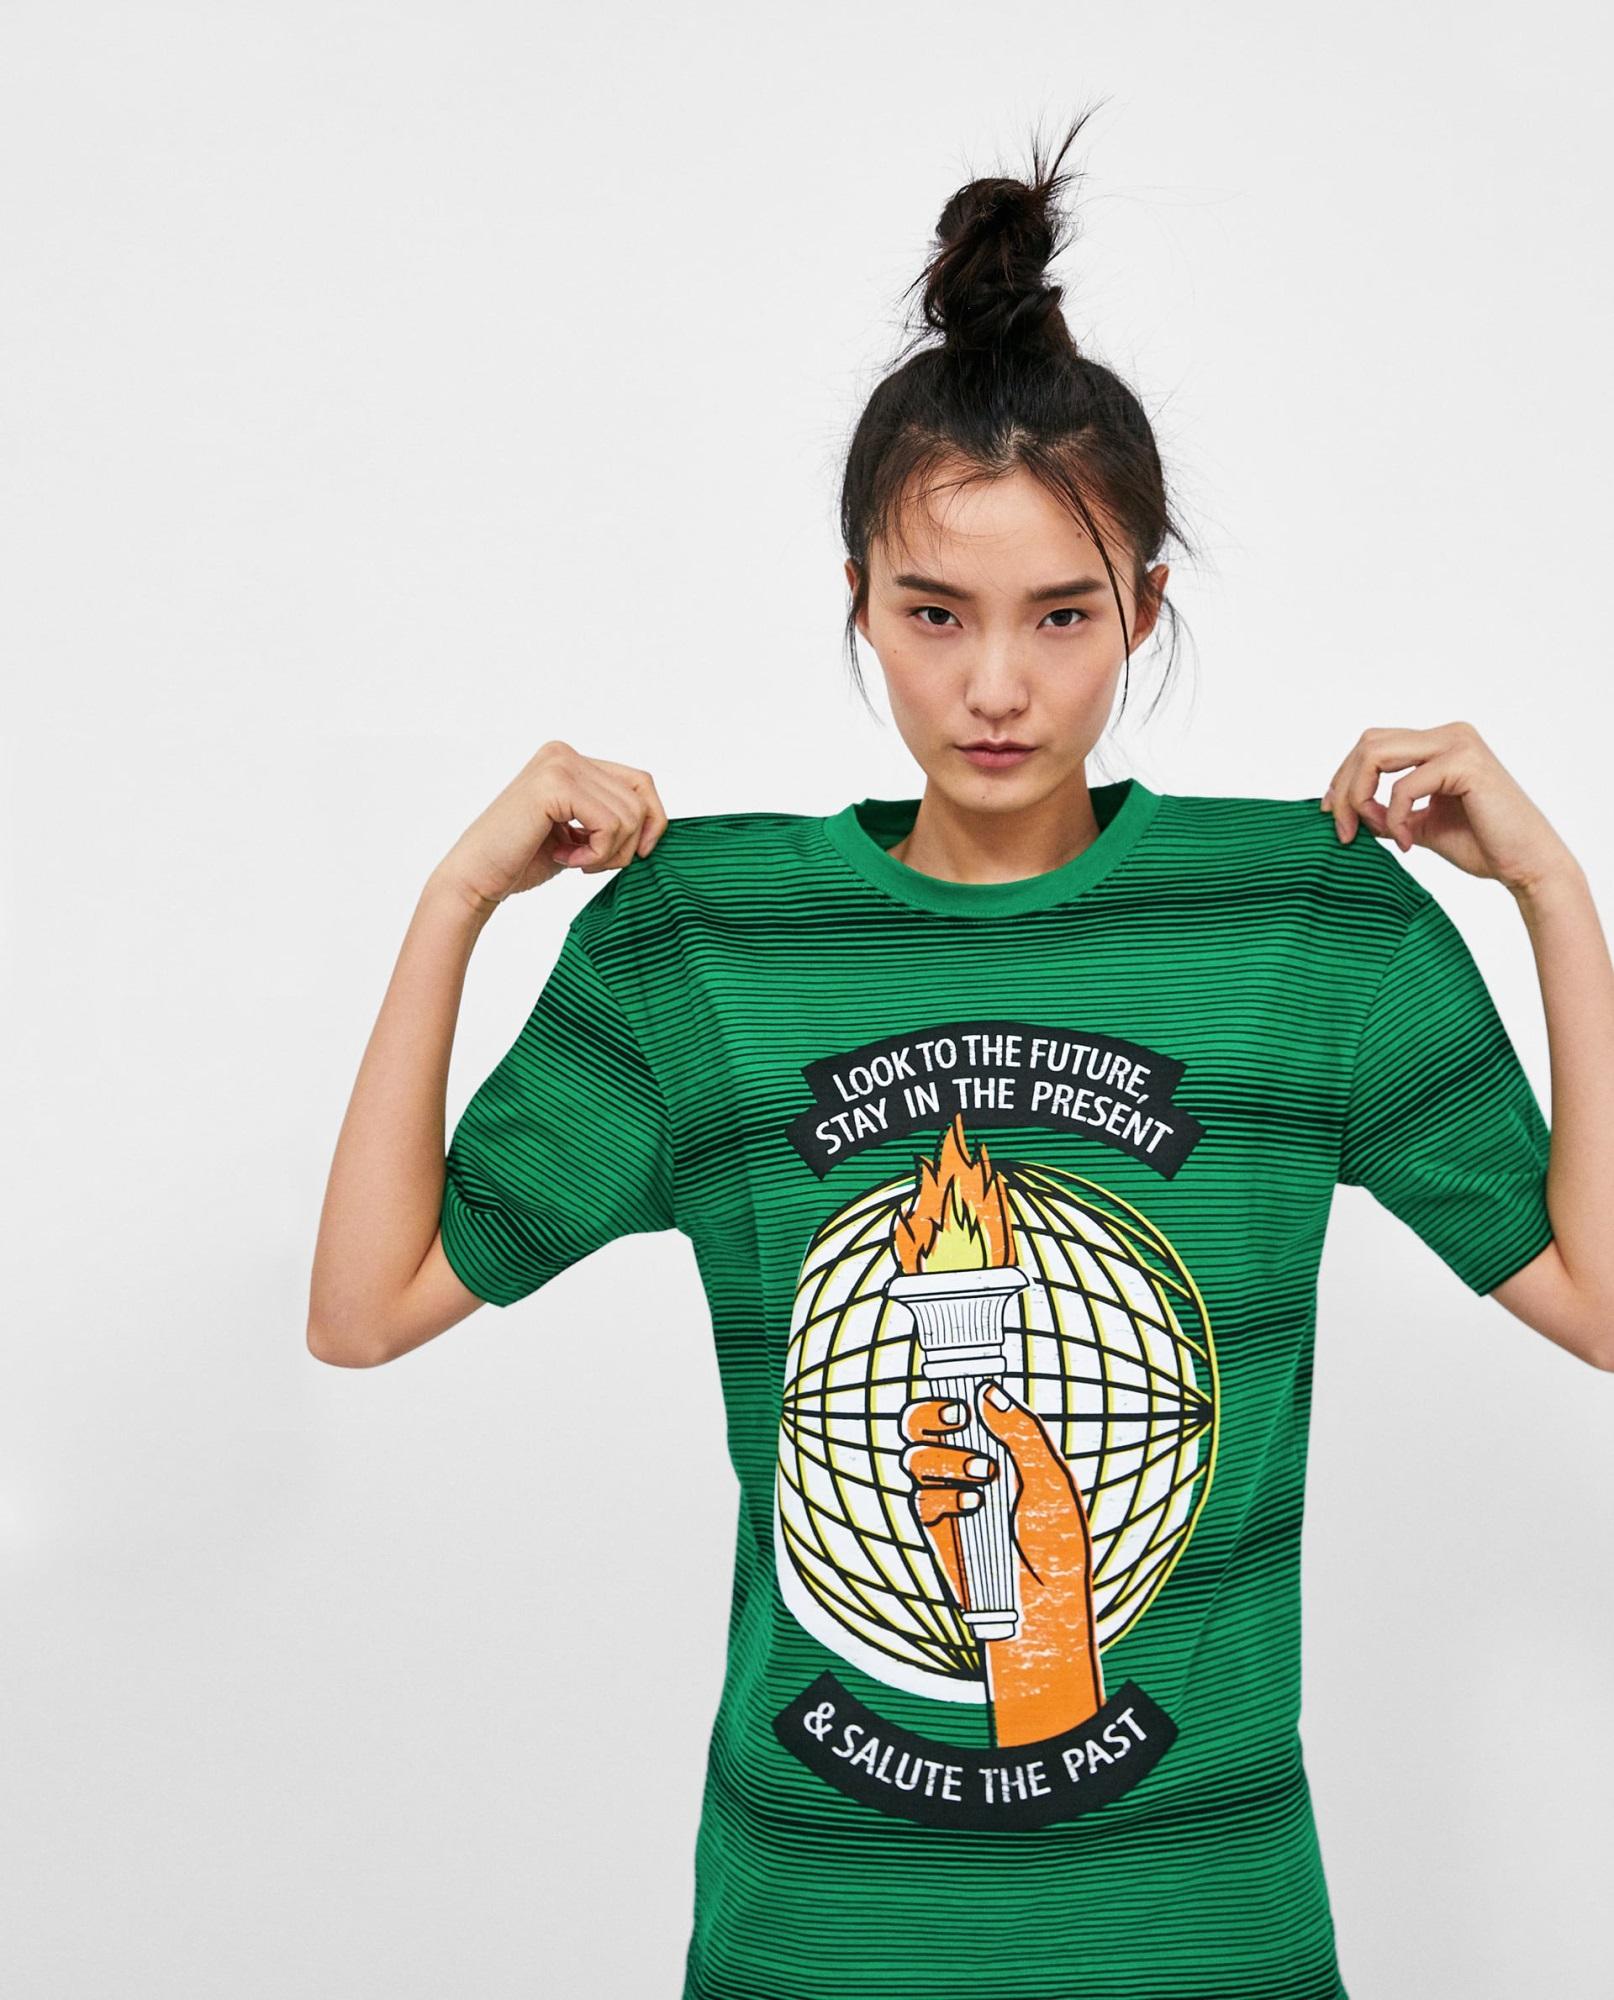 Thích áo phông, mặc nhiều là thế nhưng bạn có biết cách giữ cho chiếc áo của mình bền đẹp như mới - Ảnh 7